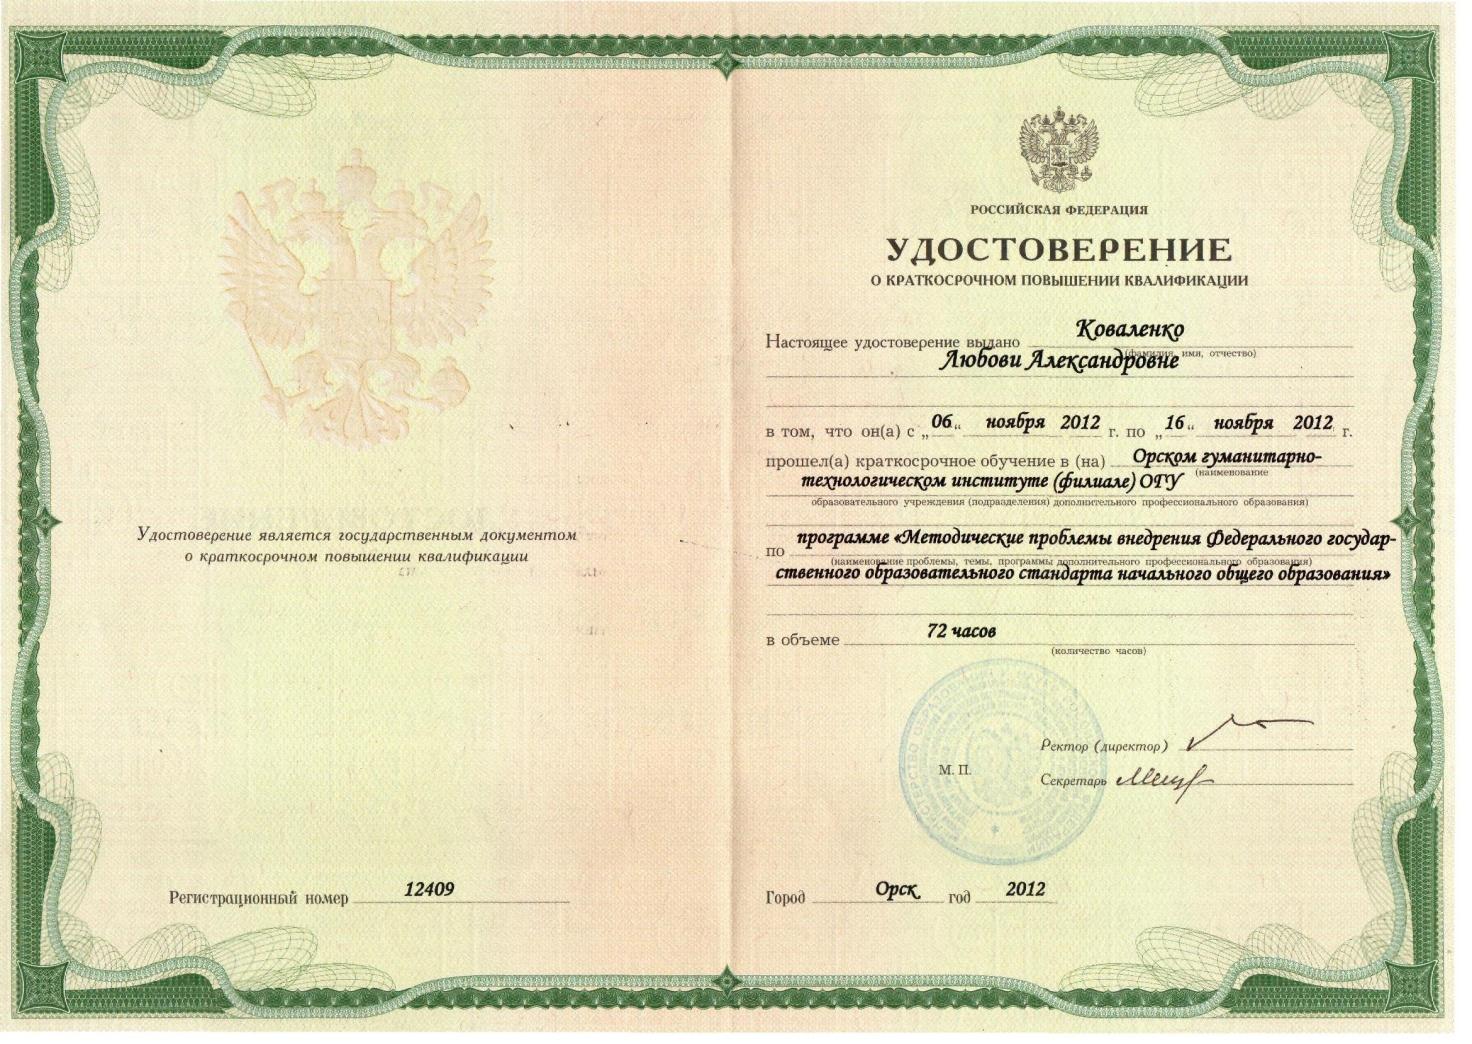 F:\грамоты\sergei_752@mail.ru\helios84@mail.ru\коваленко0004.jpg